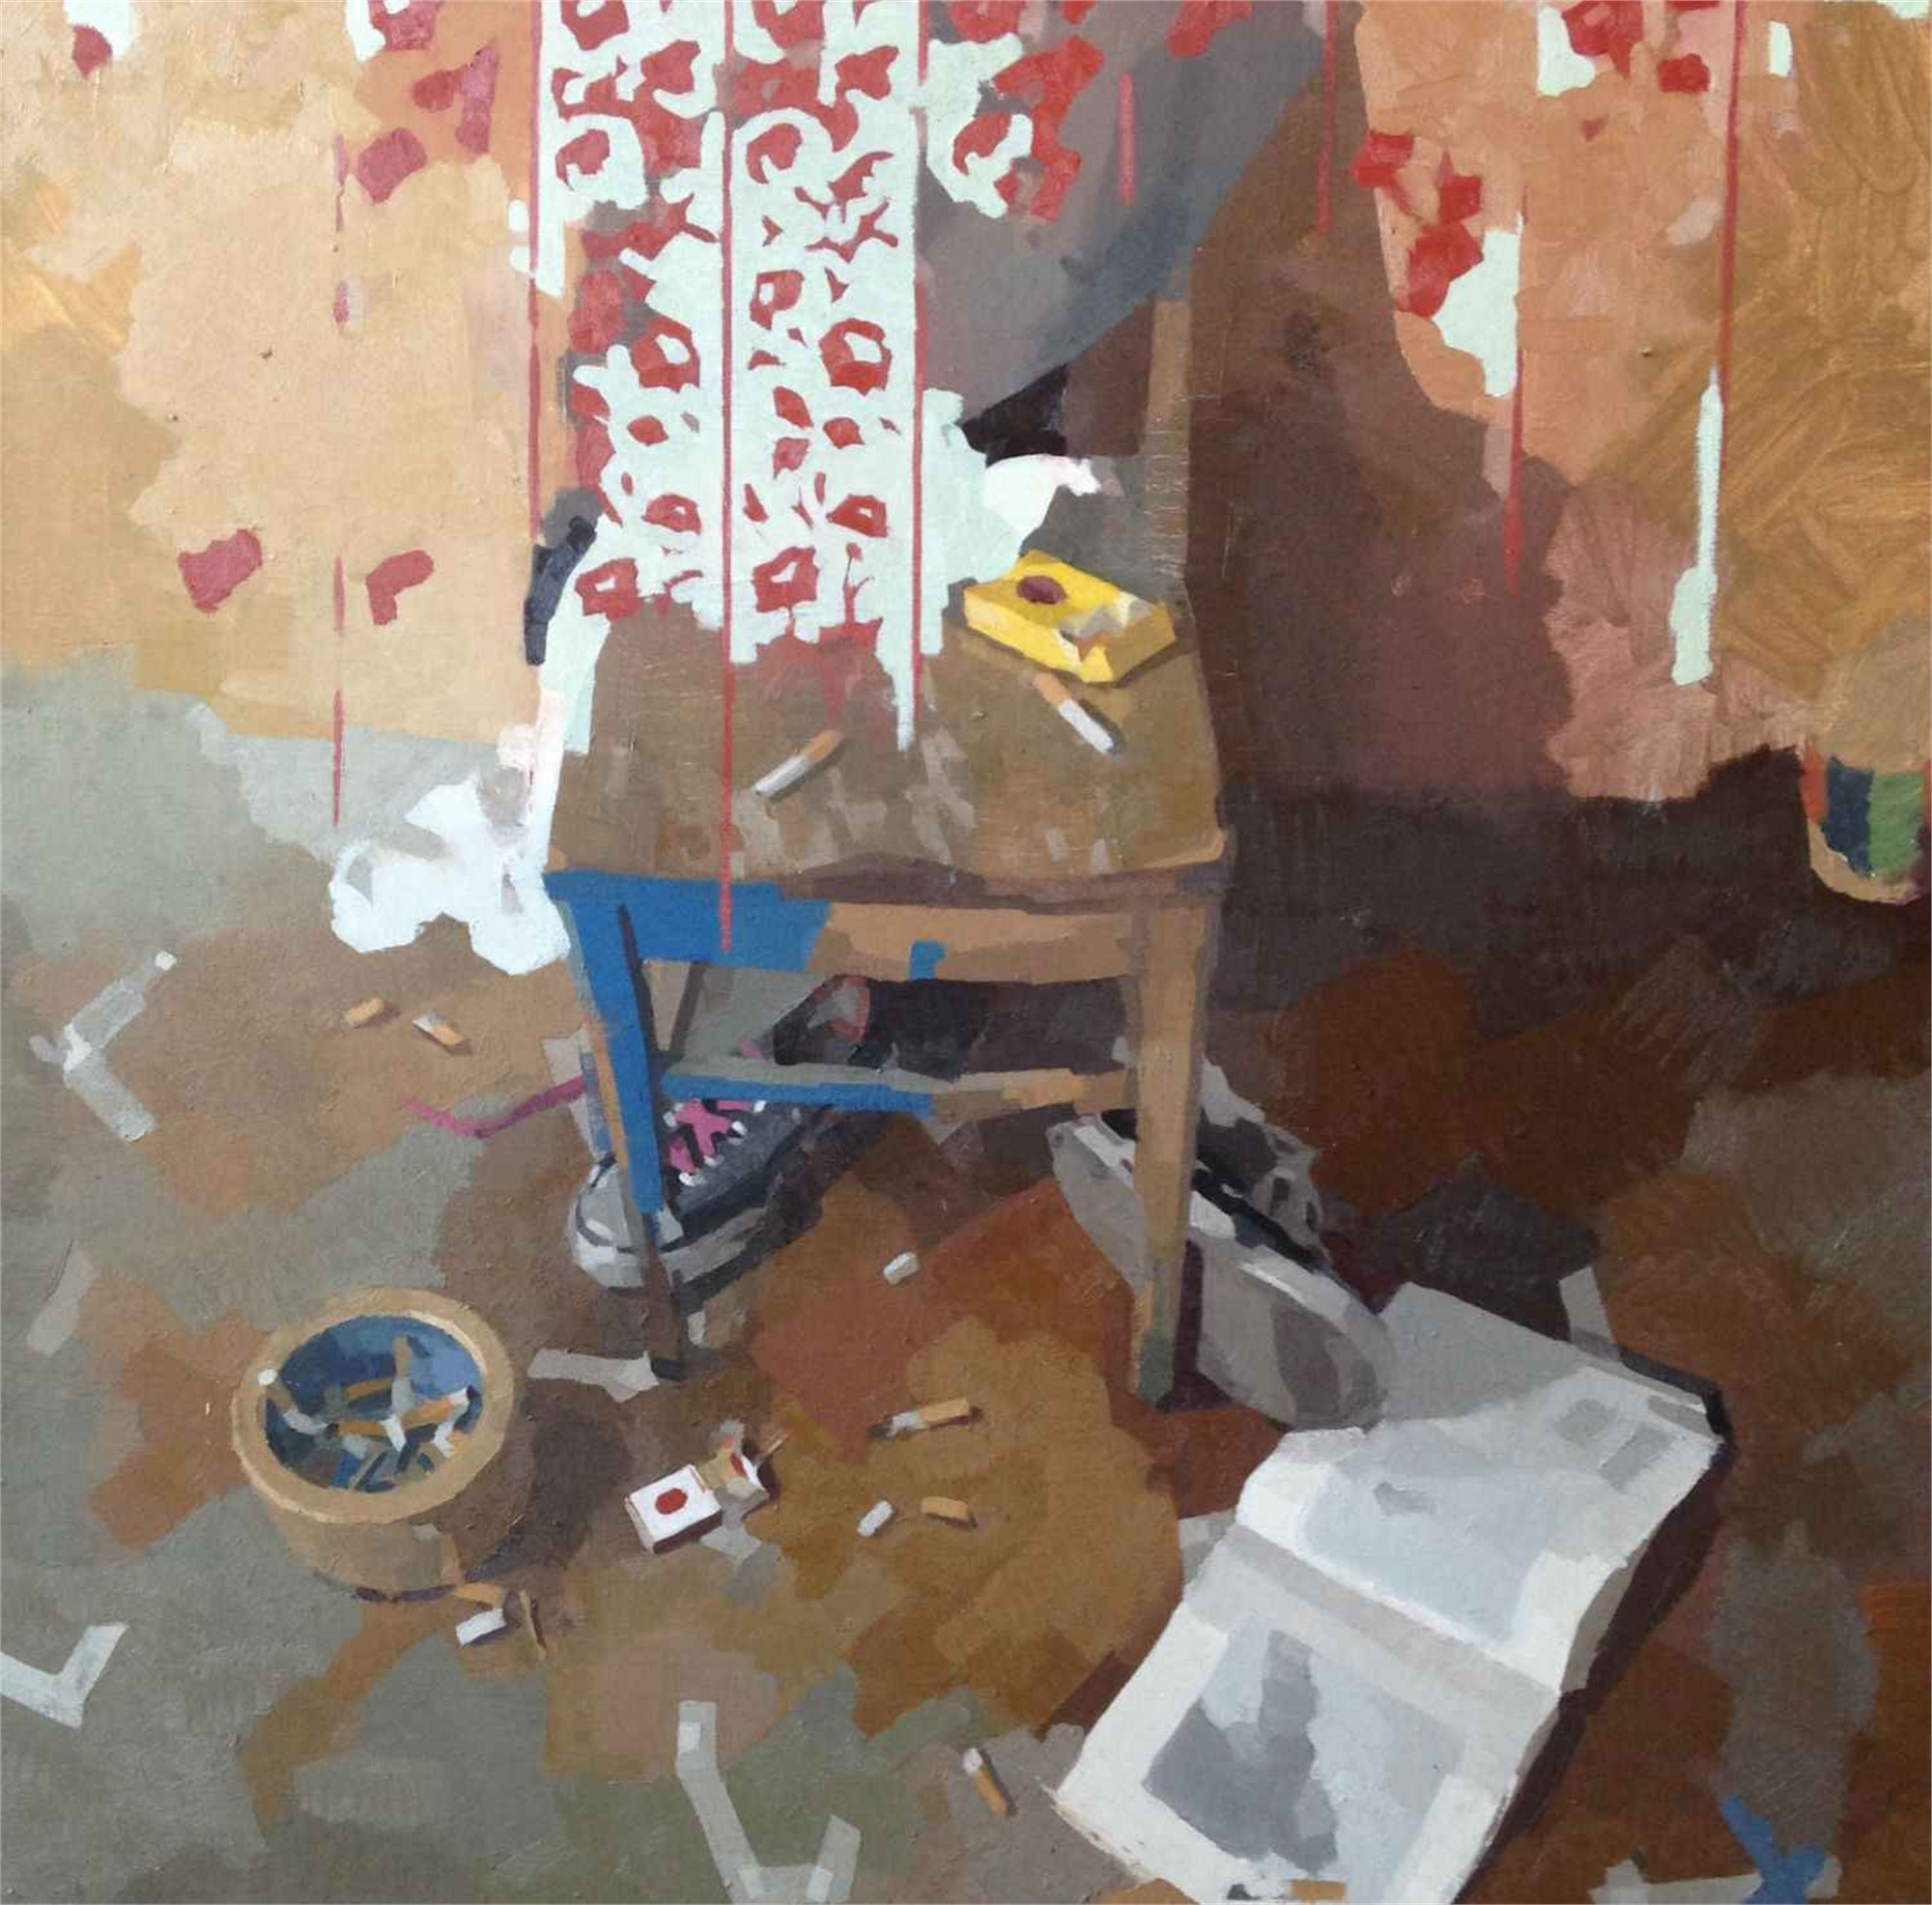 31 & 11/12ths by Jen Clausen